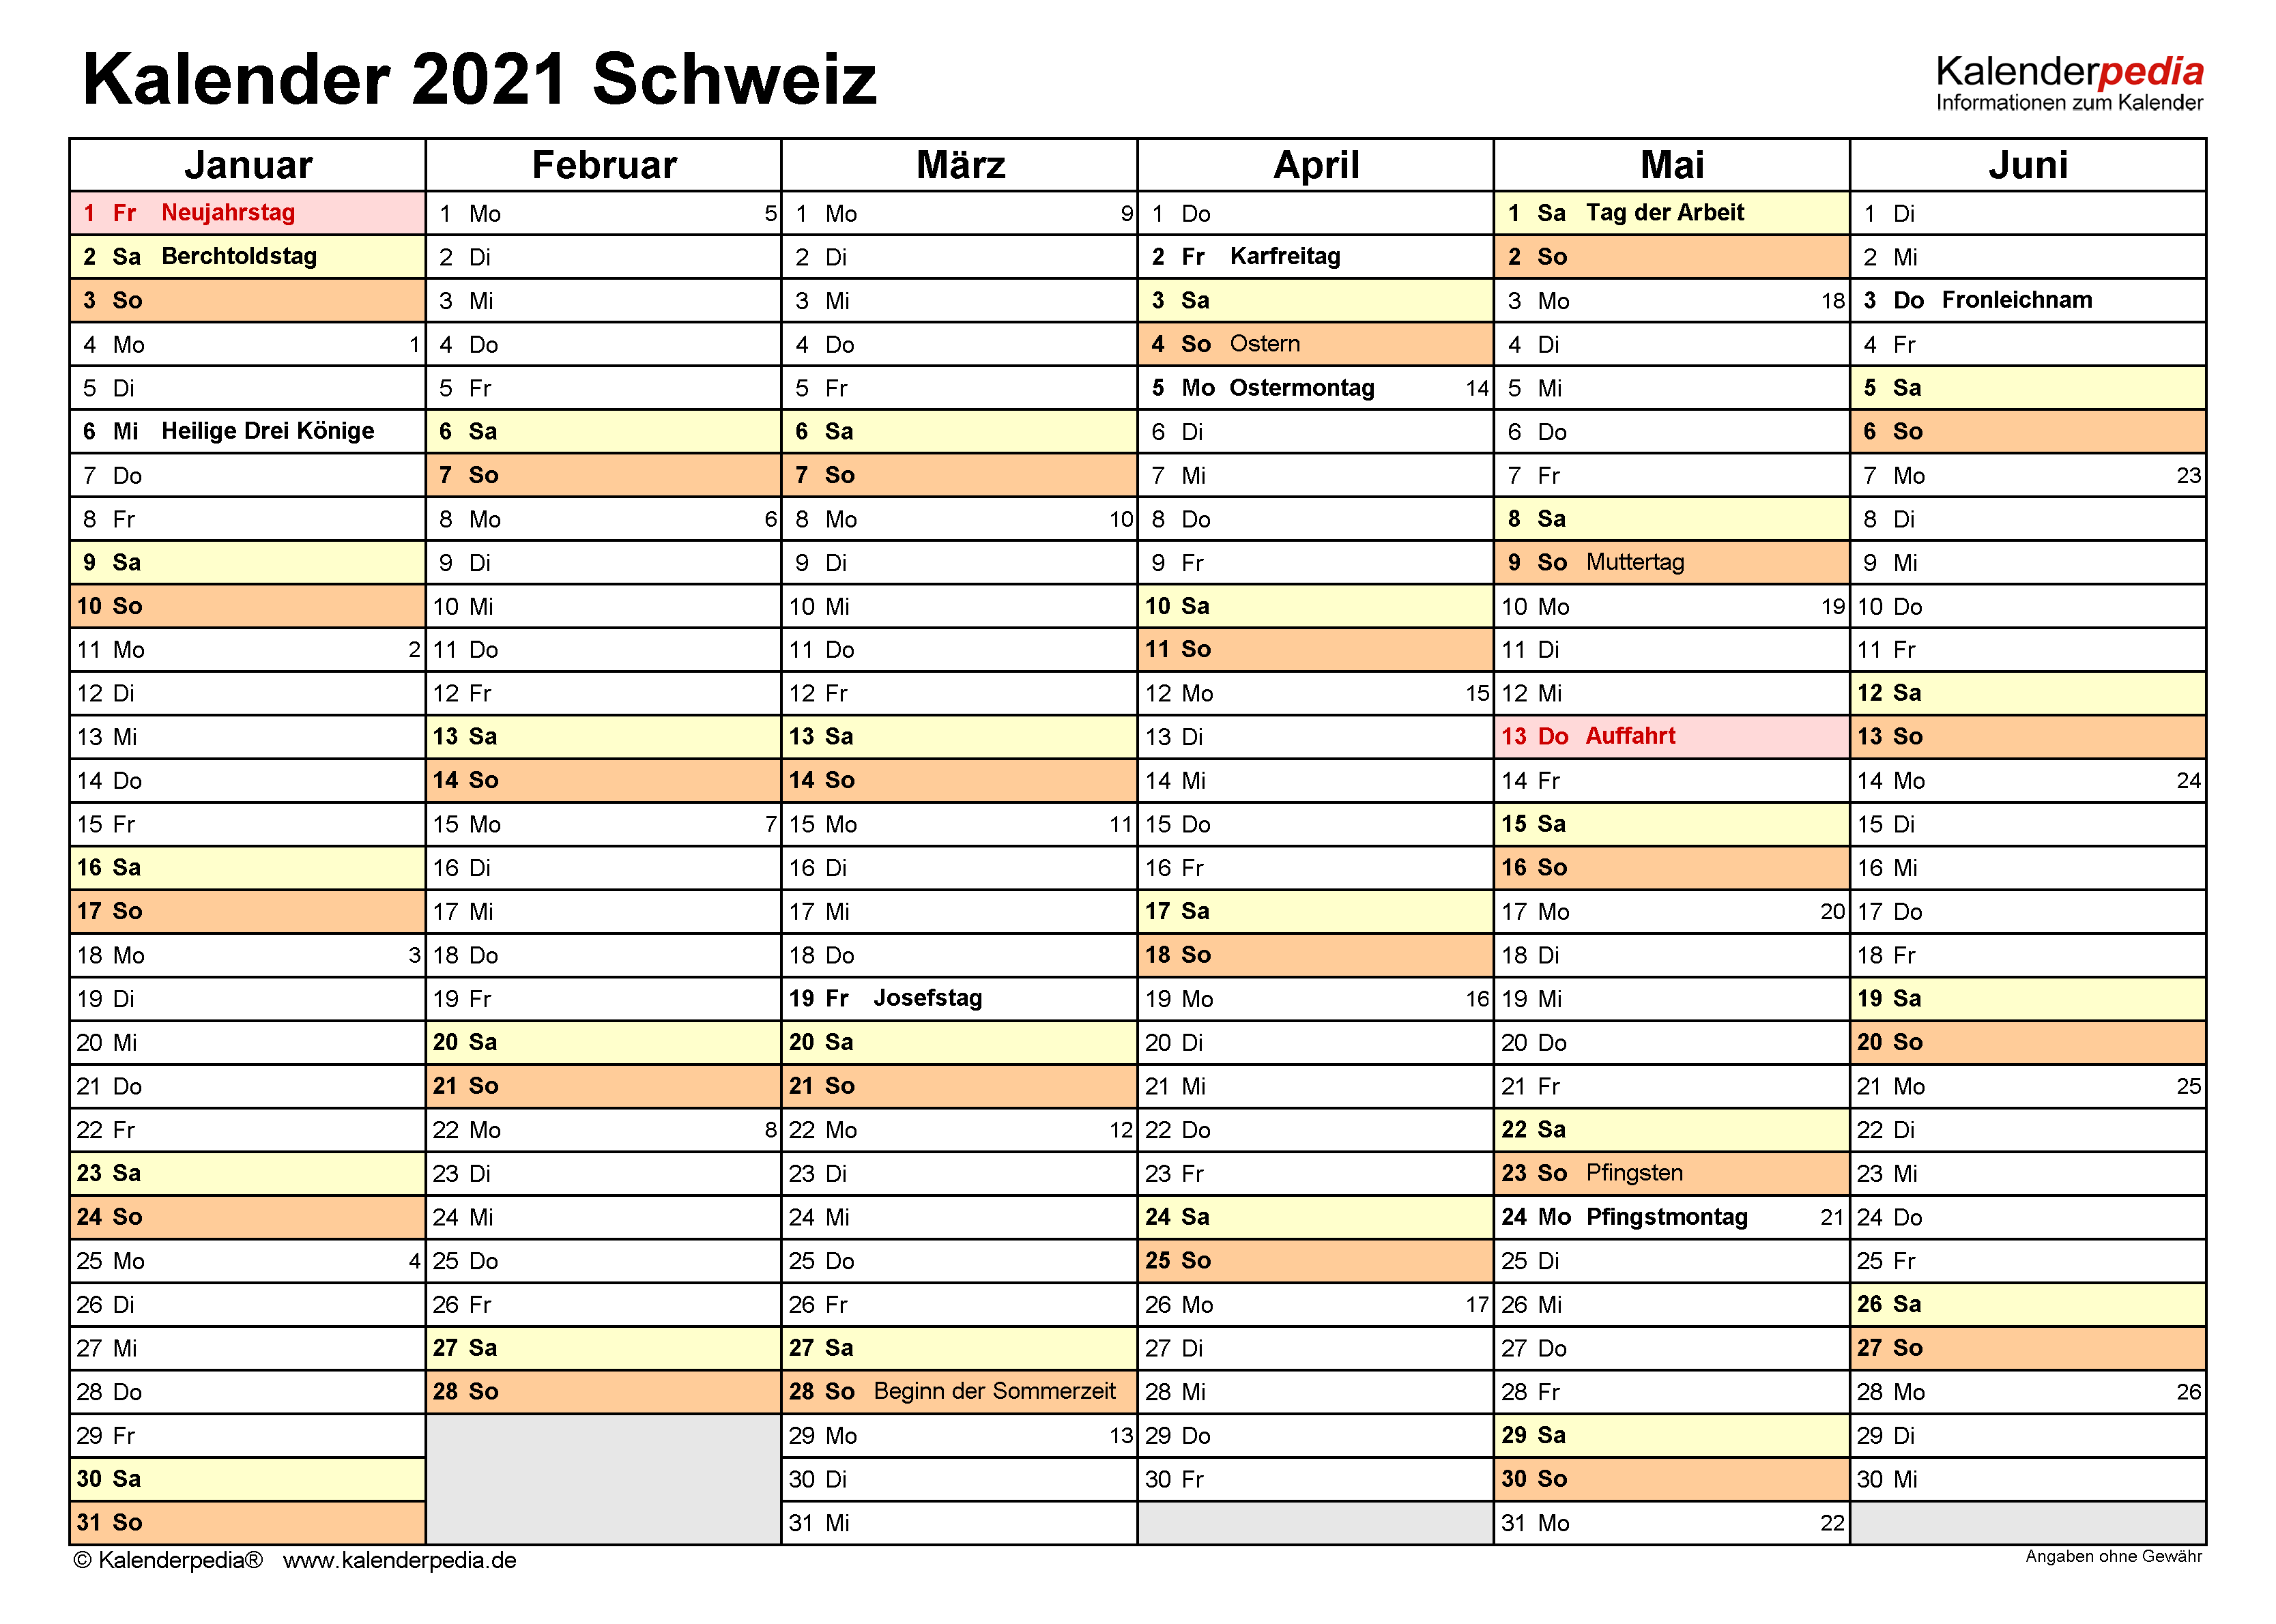 Kalneder 2021